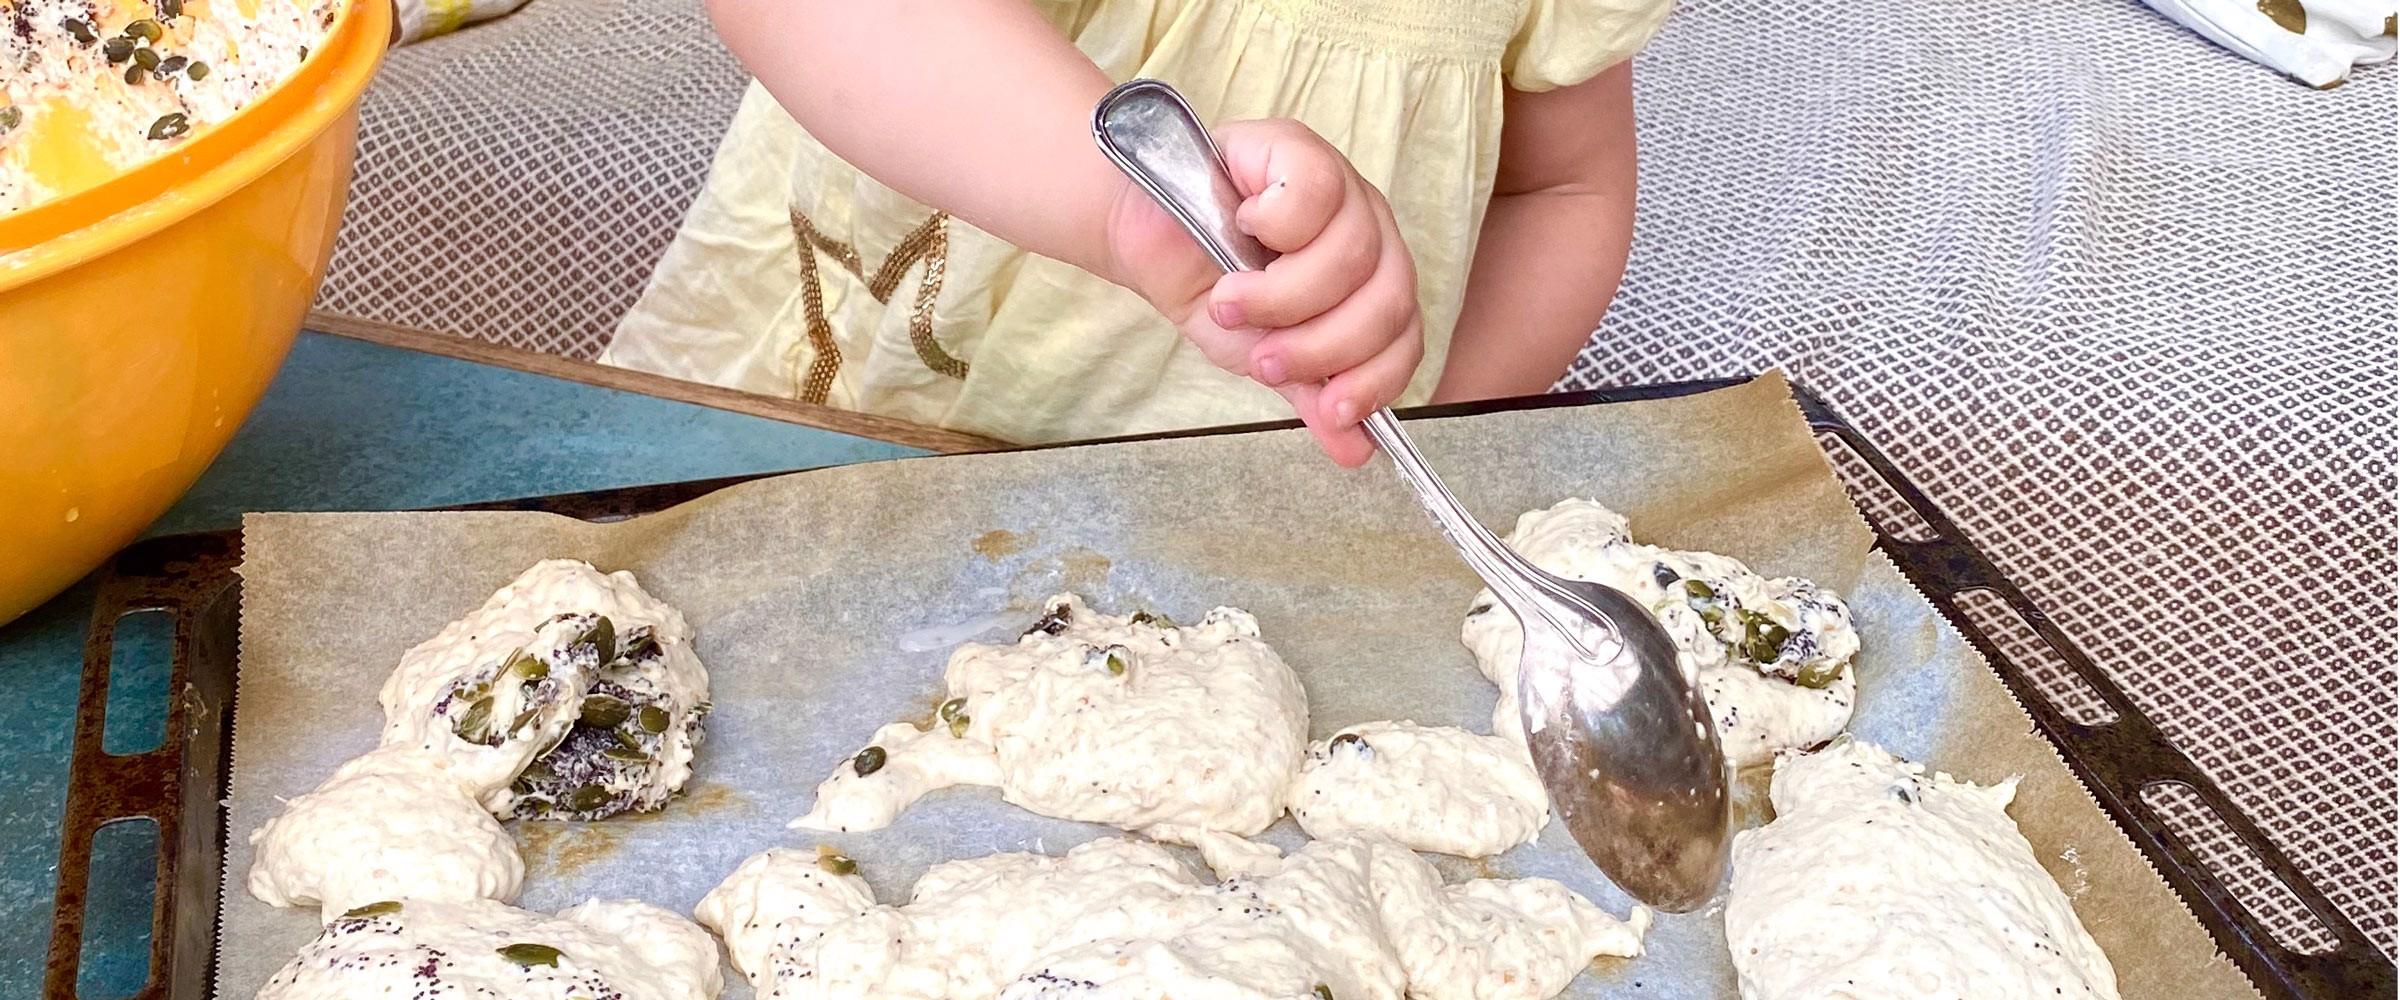 Børn i køkkenet - hvad kan dit barn lave i hvilken alder